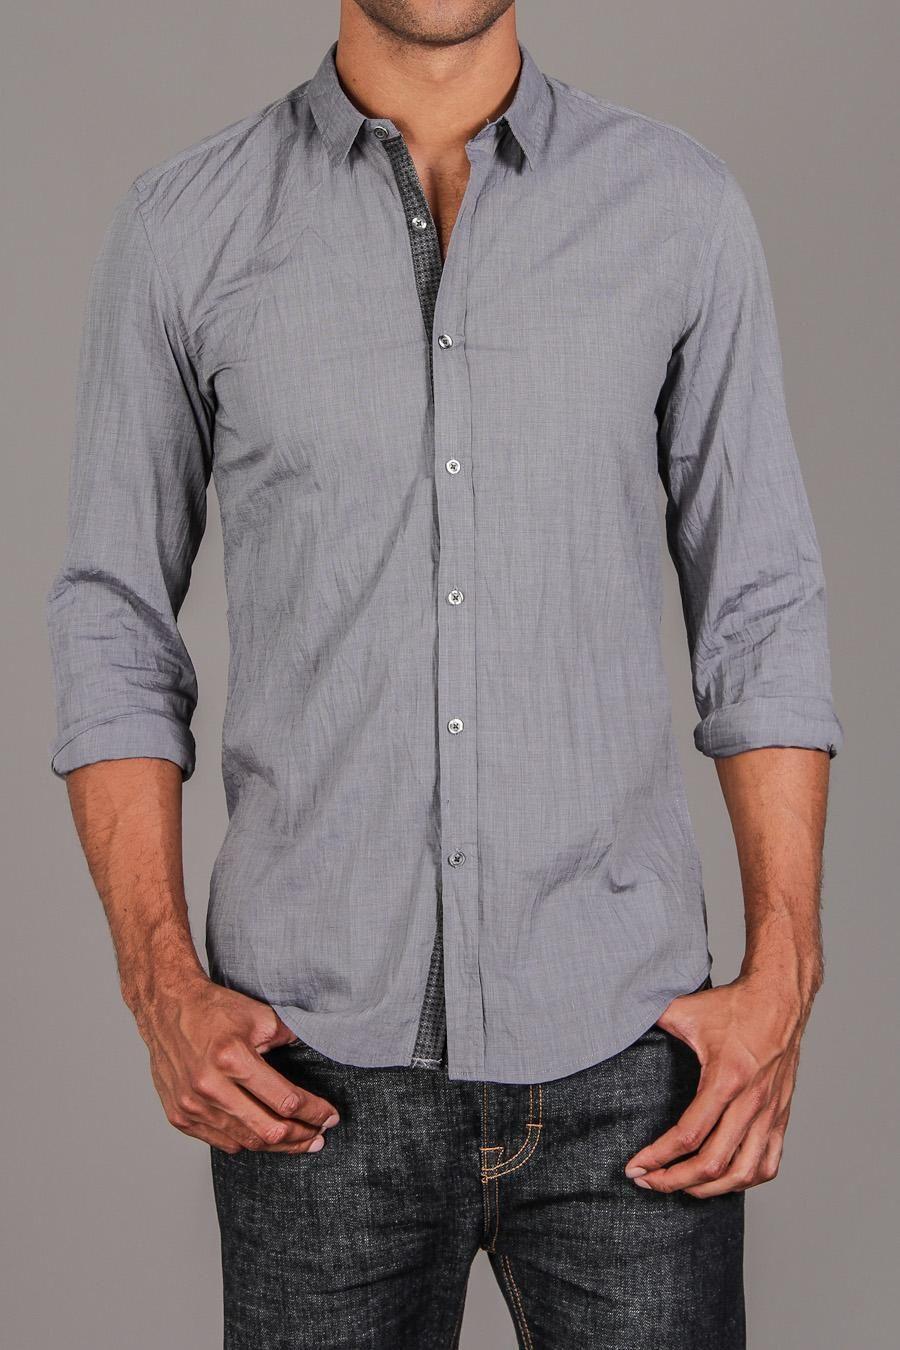 Antony Morato Chambray Contrast Placket Shirt